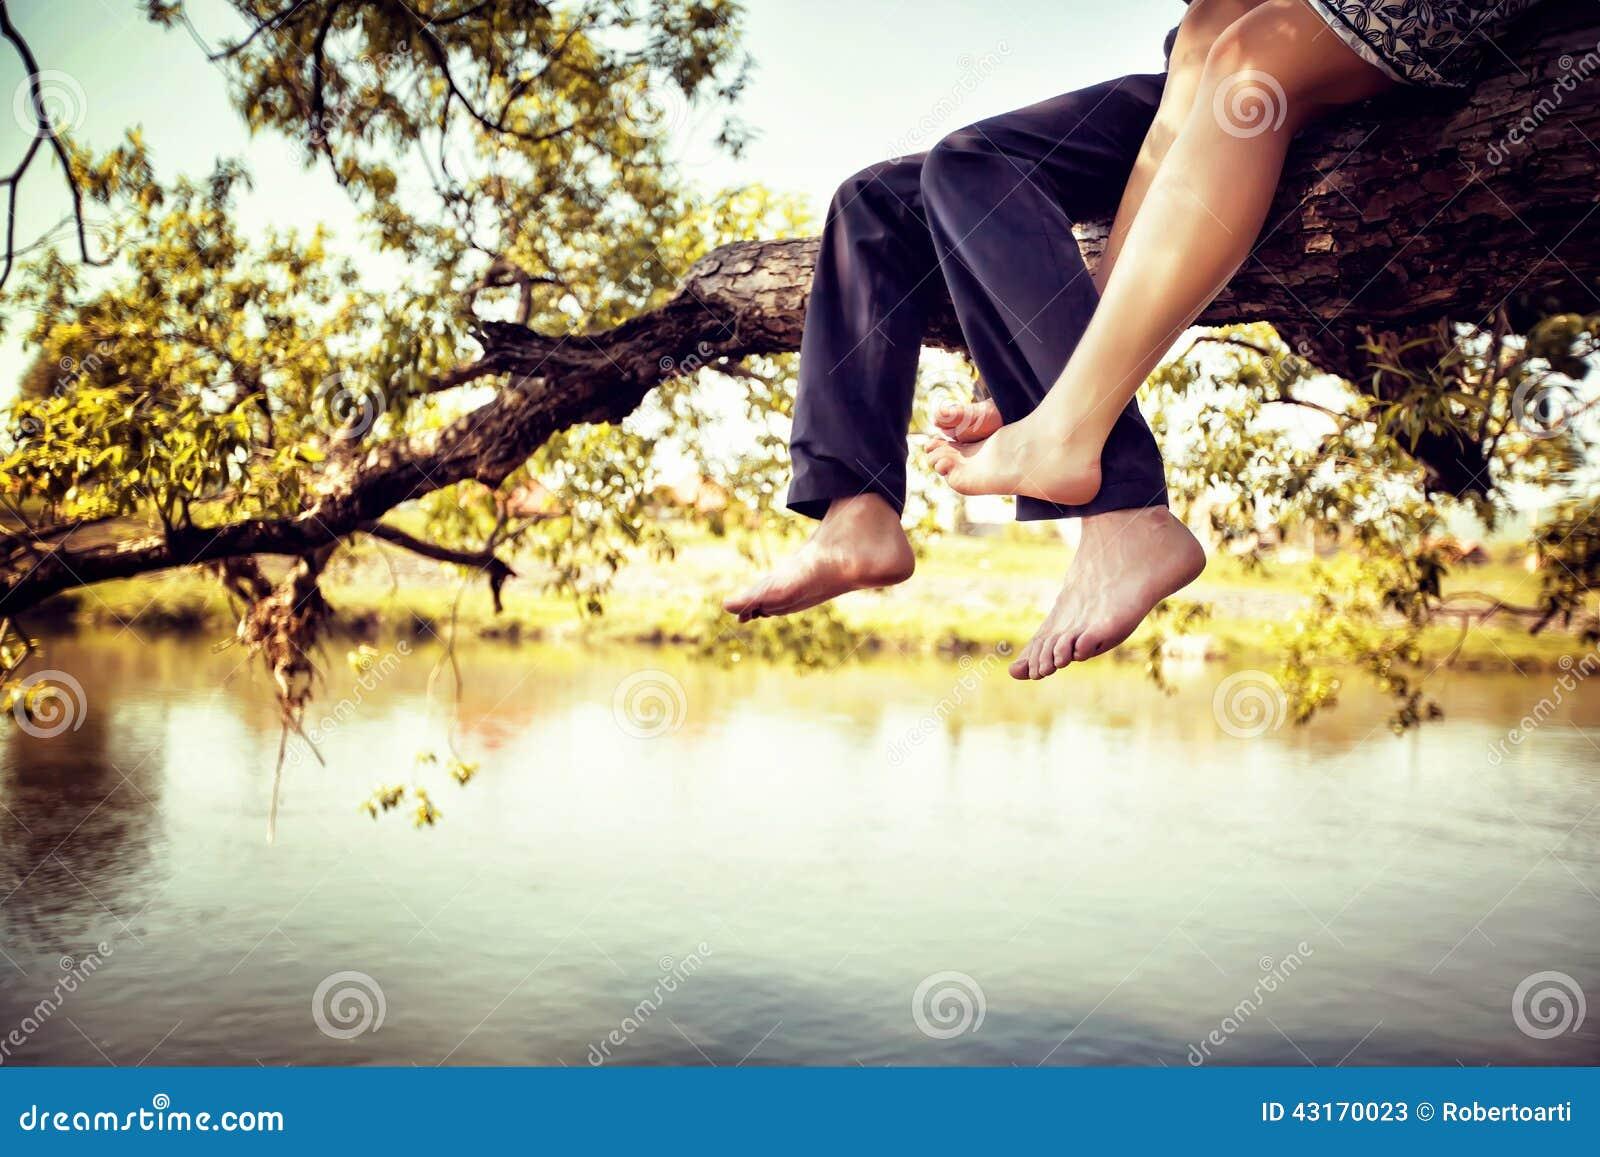 Jong paar in liefdezitting met de benen over elkaar op een boomtak boven de rivier in aardige zonnige dag